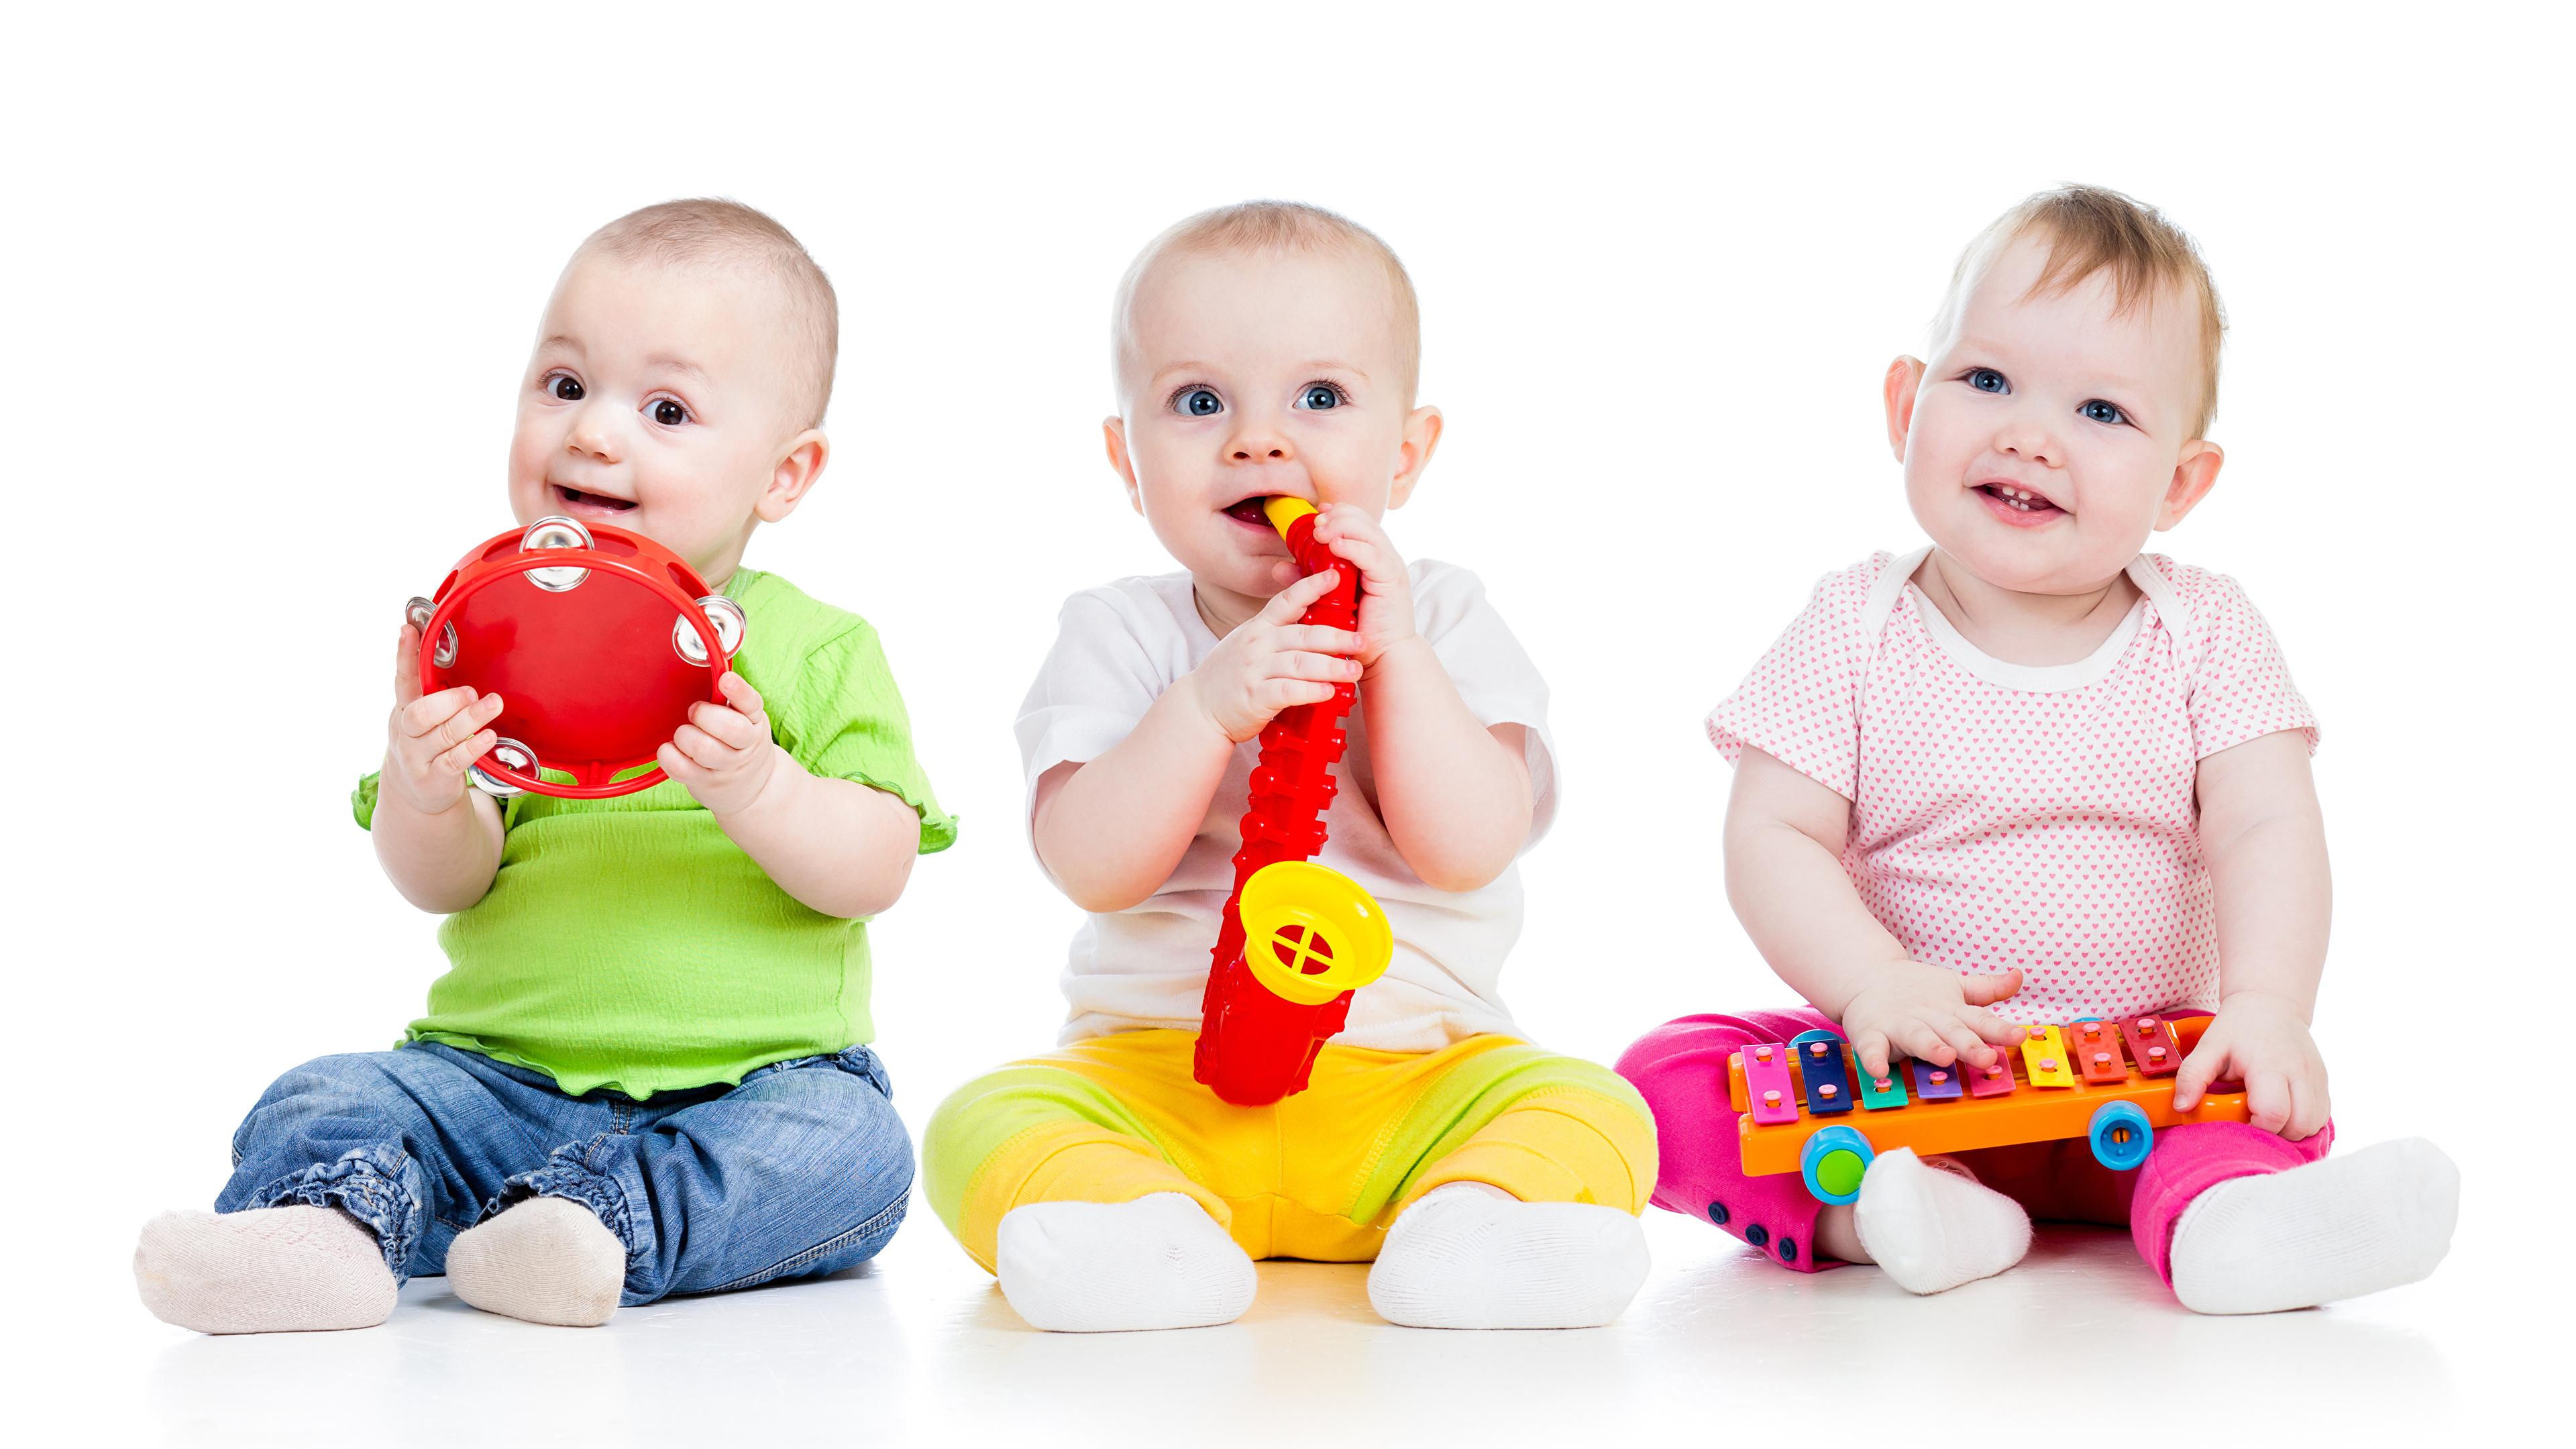 Дети с игрушками. Общий фотоальбом 49